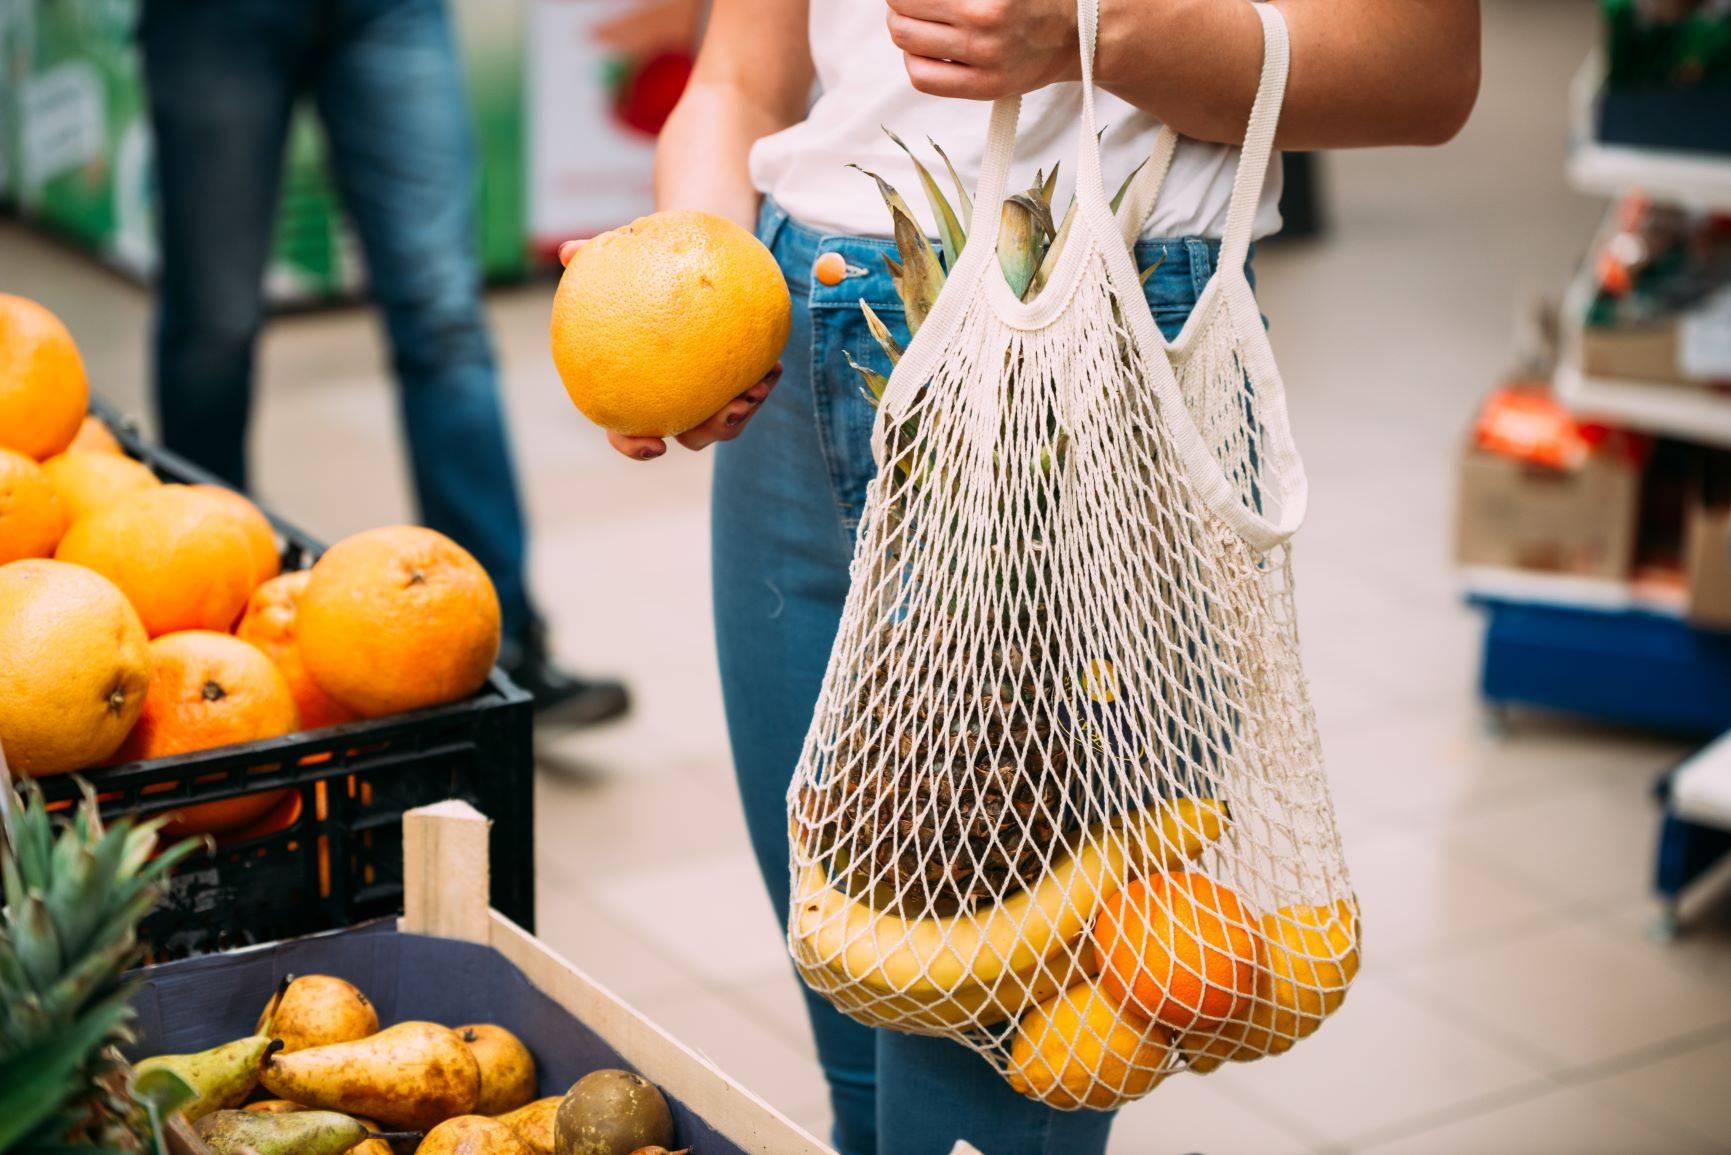 Jak być eko? Jak zacząć żyć ekologicznie w duchu zero waste? Kobieta robi zakupy na targu i wkłada owoce do ażurowej torby ekologicznej.